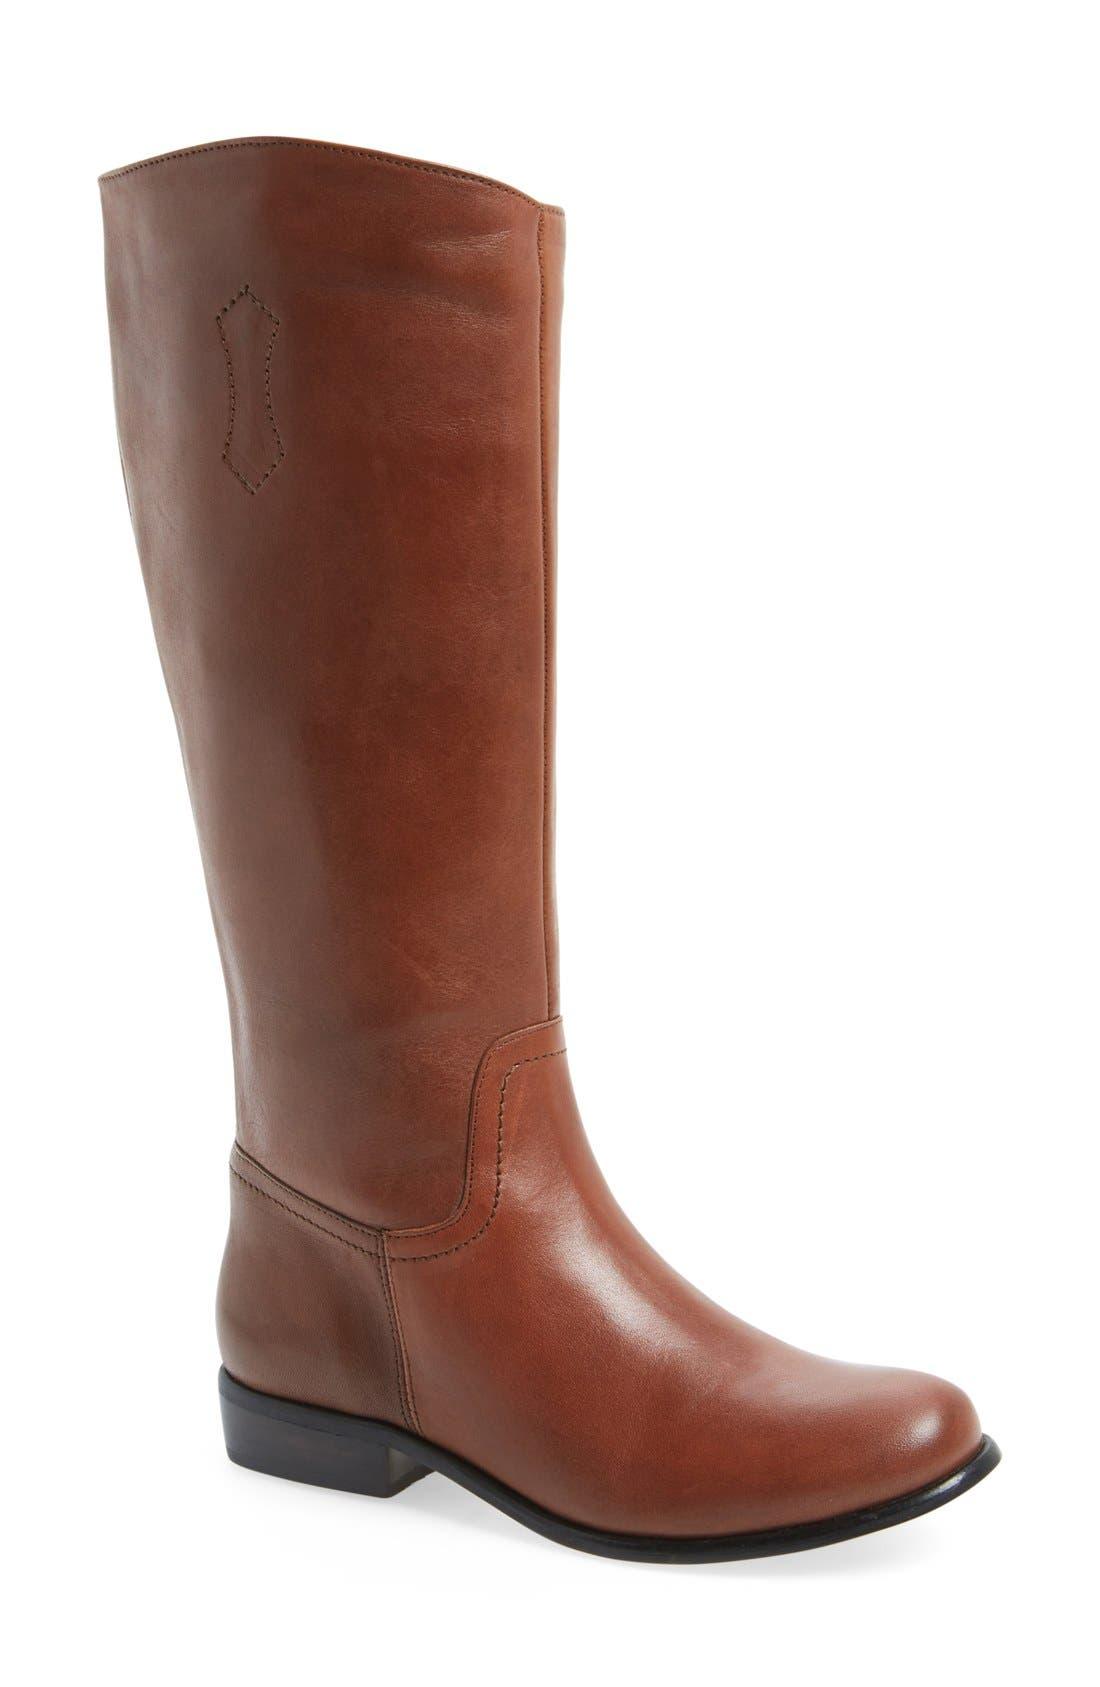 Alternate Image 1 Selected - Corso Como 'Geneva' Tall Boot (Women)